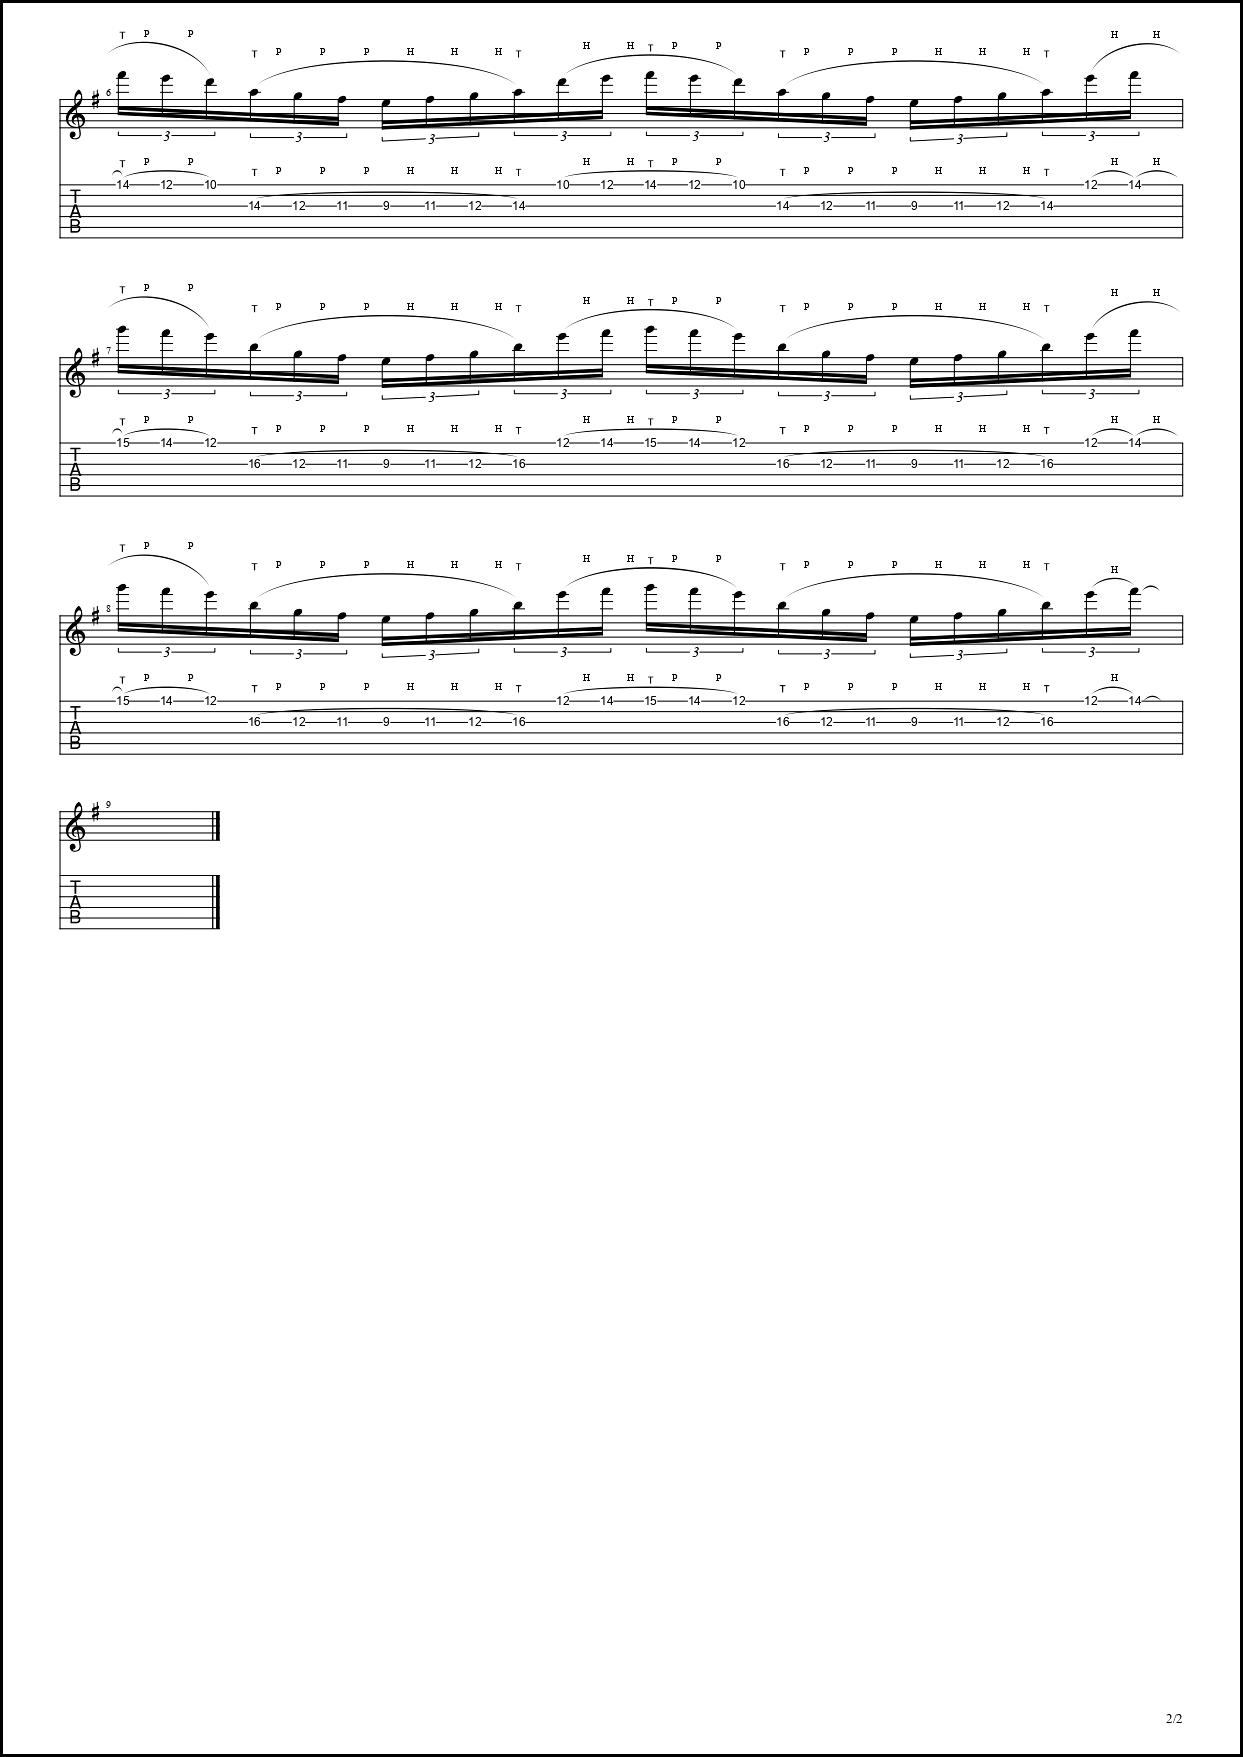 【TAB】Sea Of Lies / Symphony X Tapping Guitar Michael Romeo シンフォニーX タッピングギター BPM30-152【Tapping・タッピング】